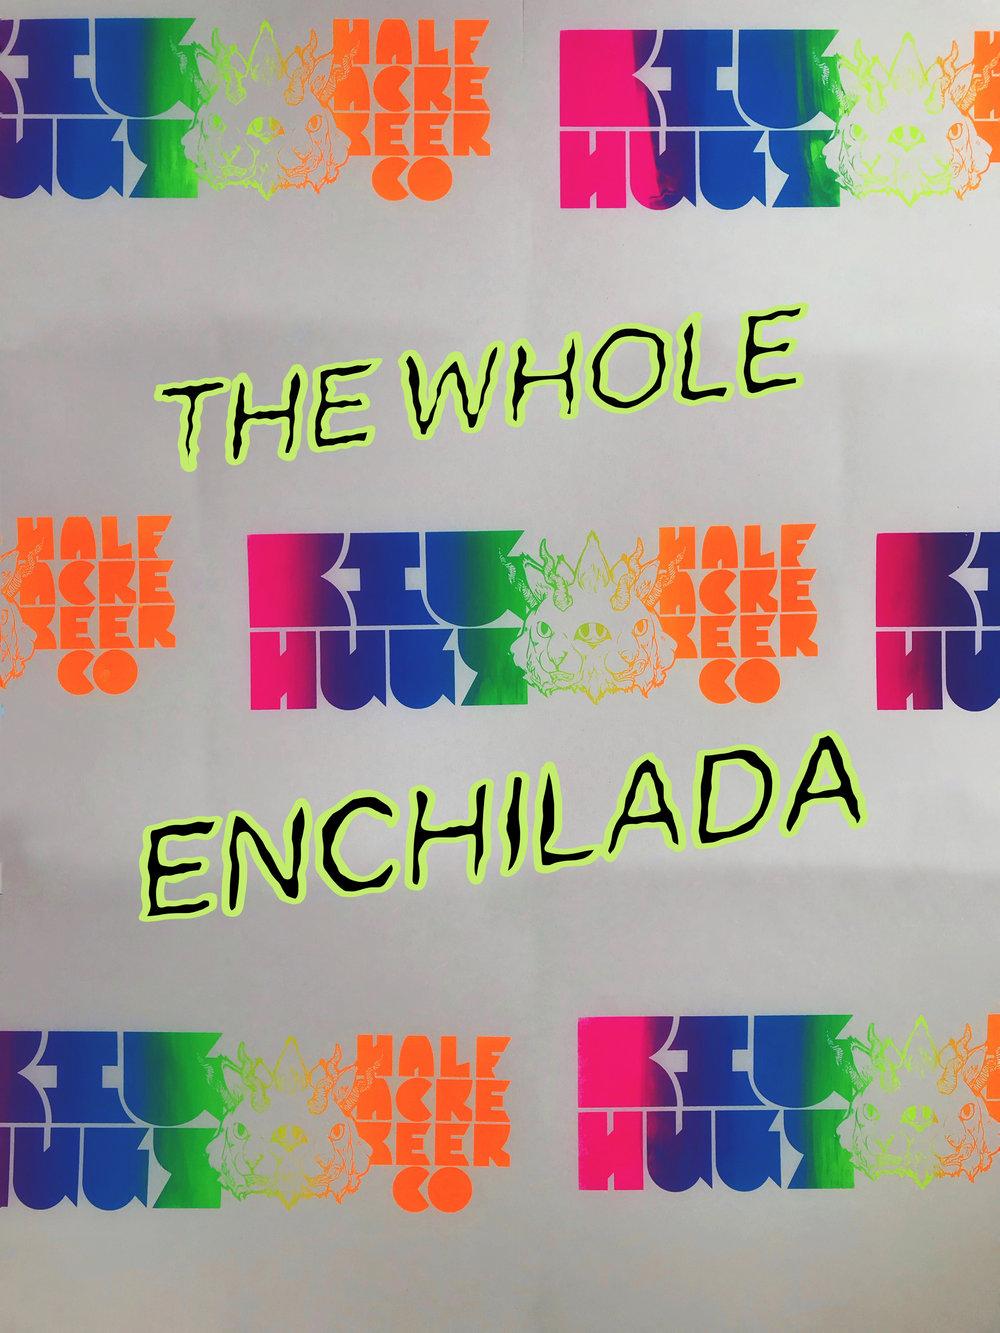 Enchilada1.jpg